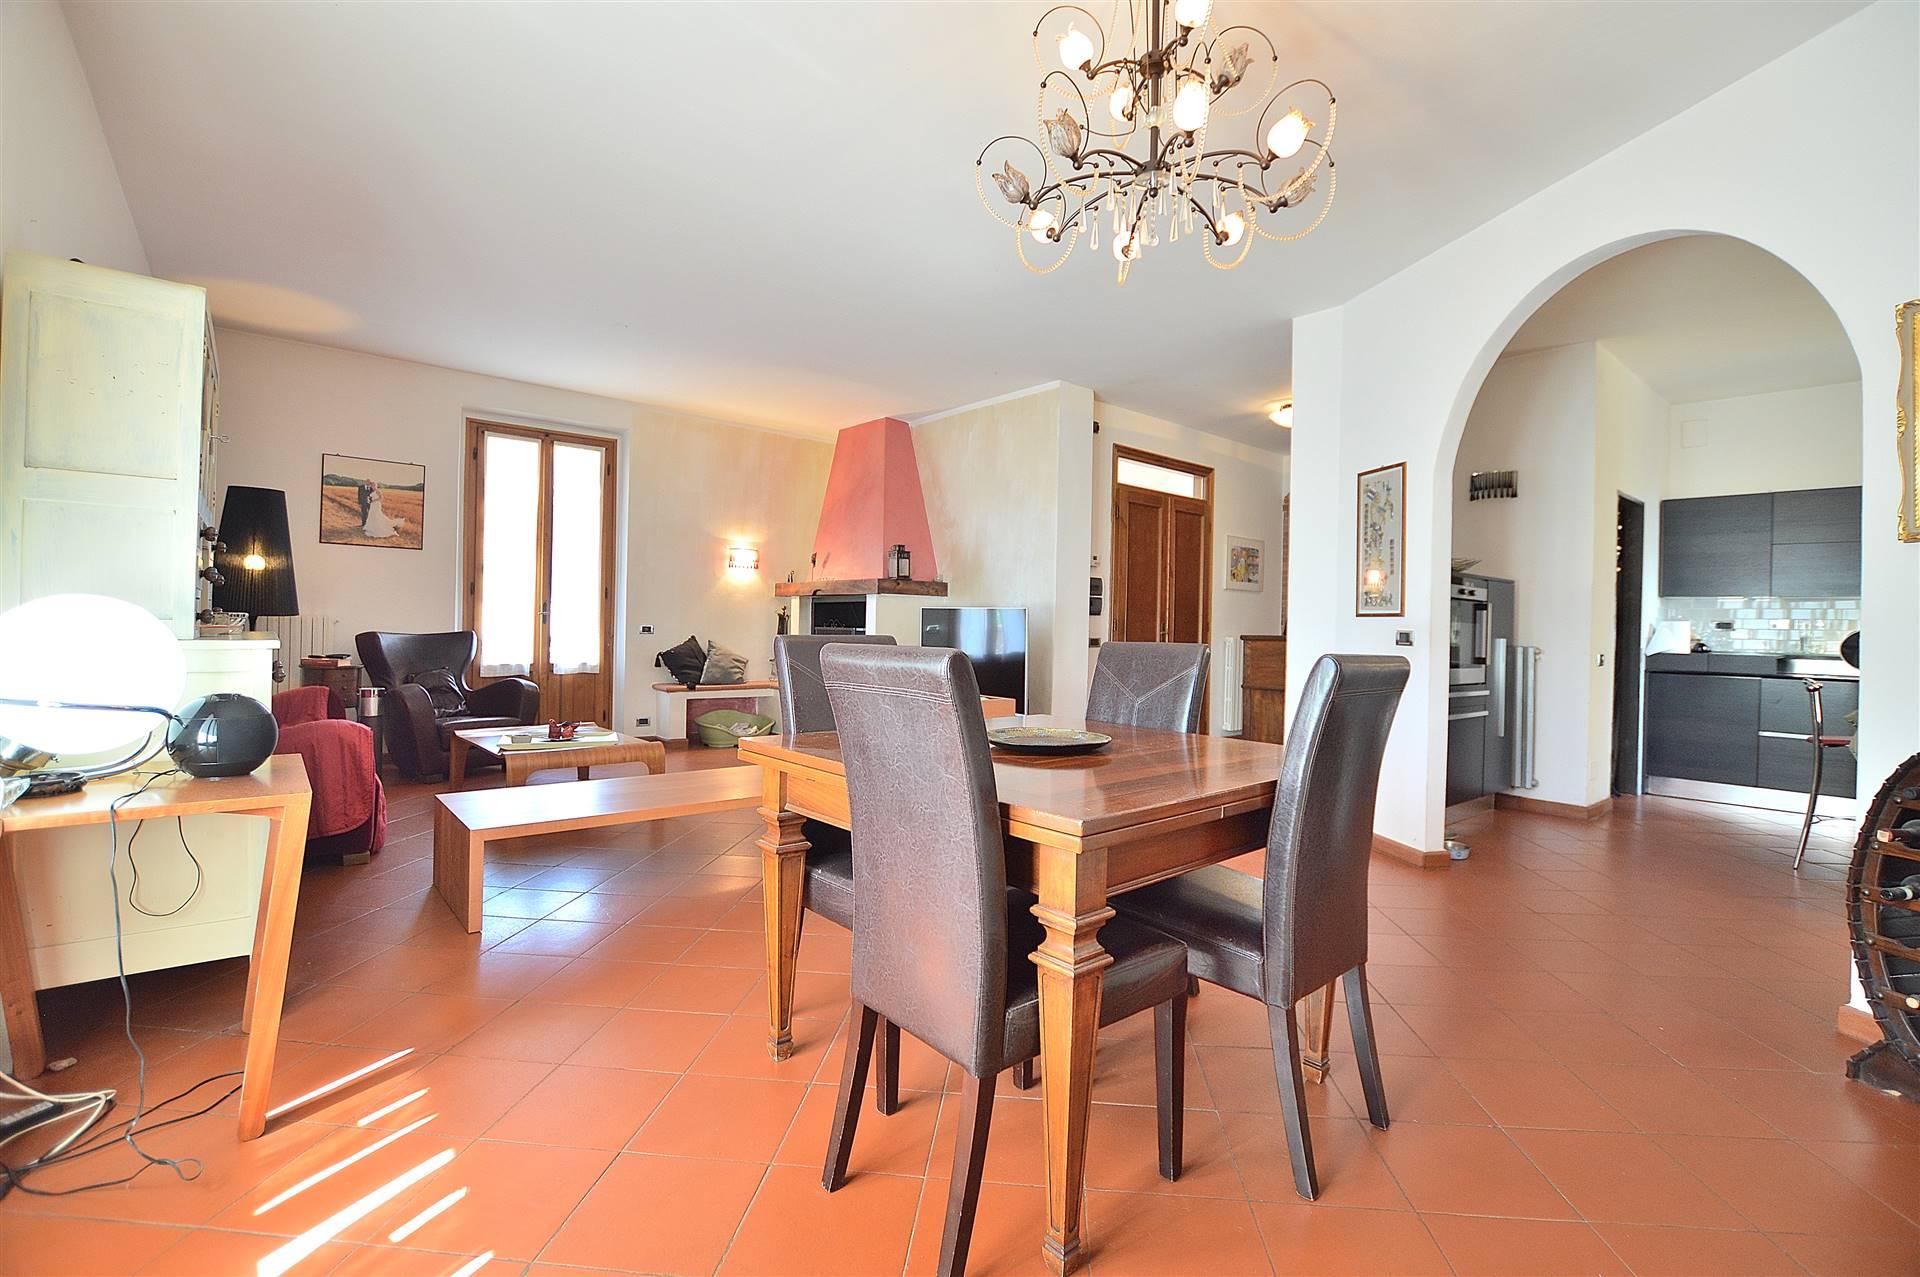 Querciolaia, in splendido contesto residenziale, proponiamo ampio appartamento posto al piano primo all'interno di una bellissima villa bifamiliare